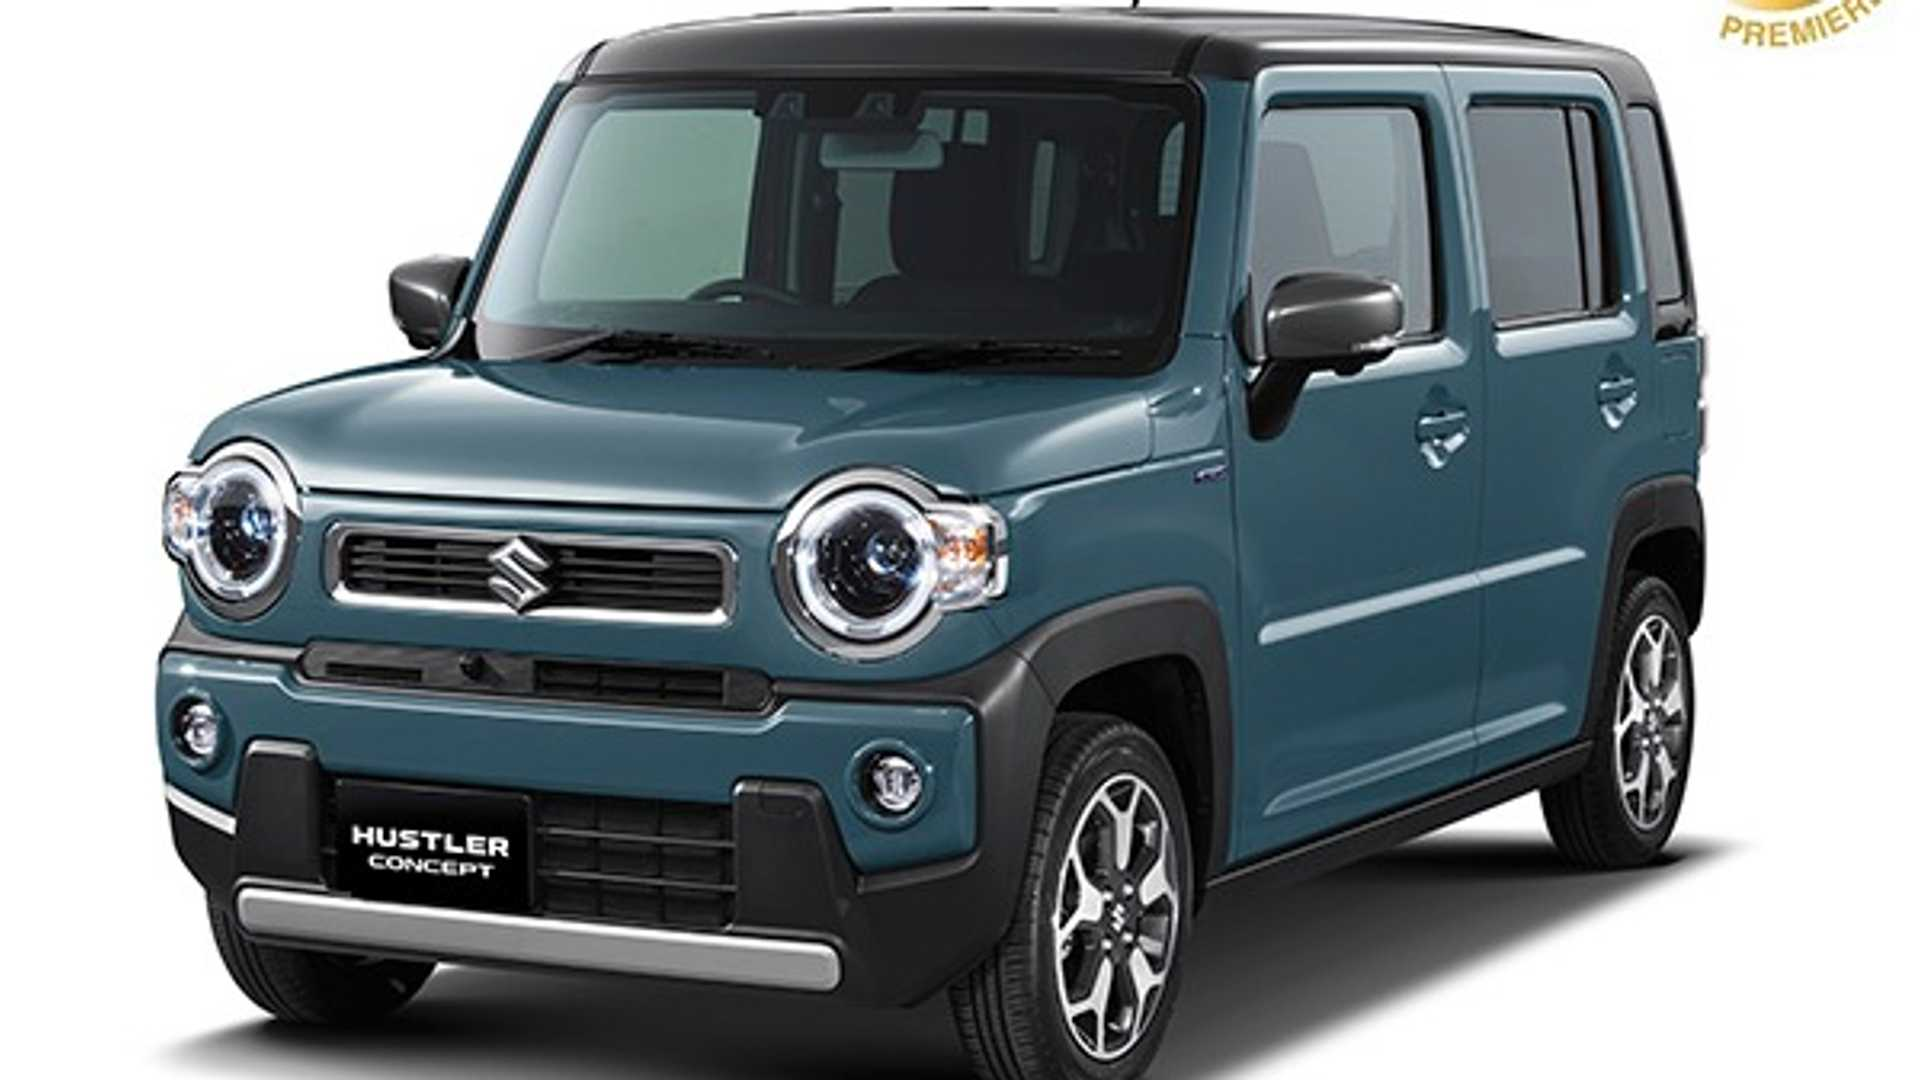 Suzuki Hustler Concept